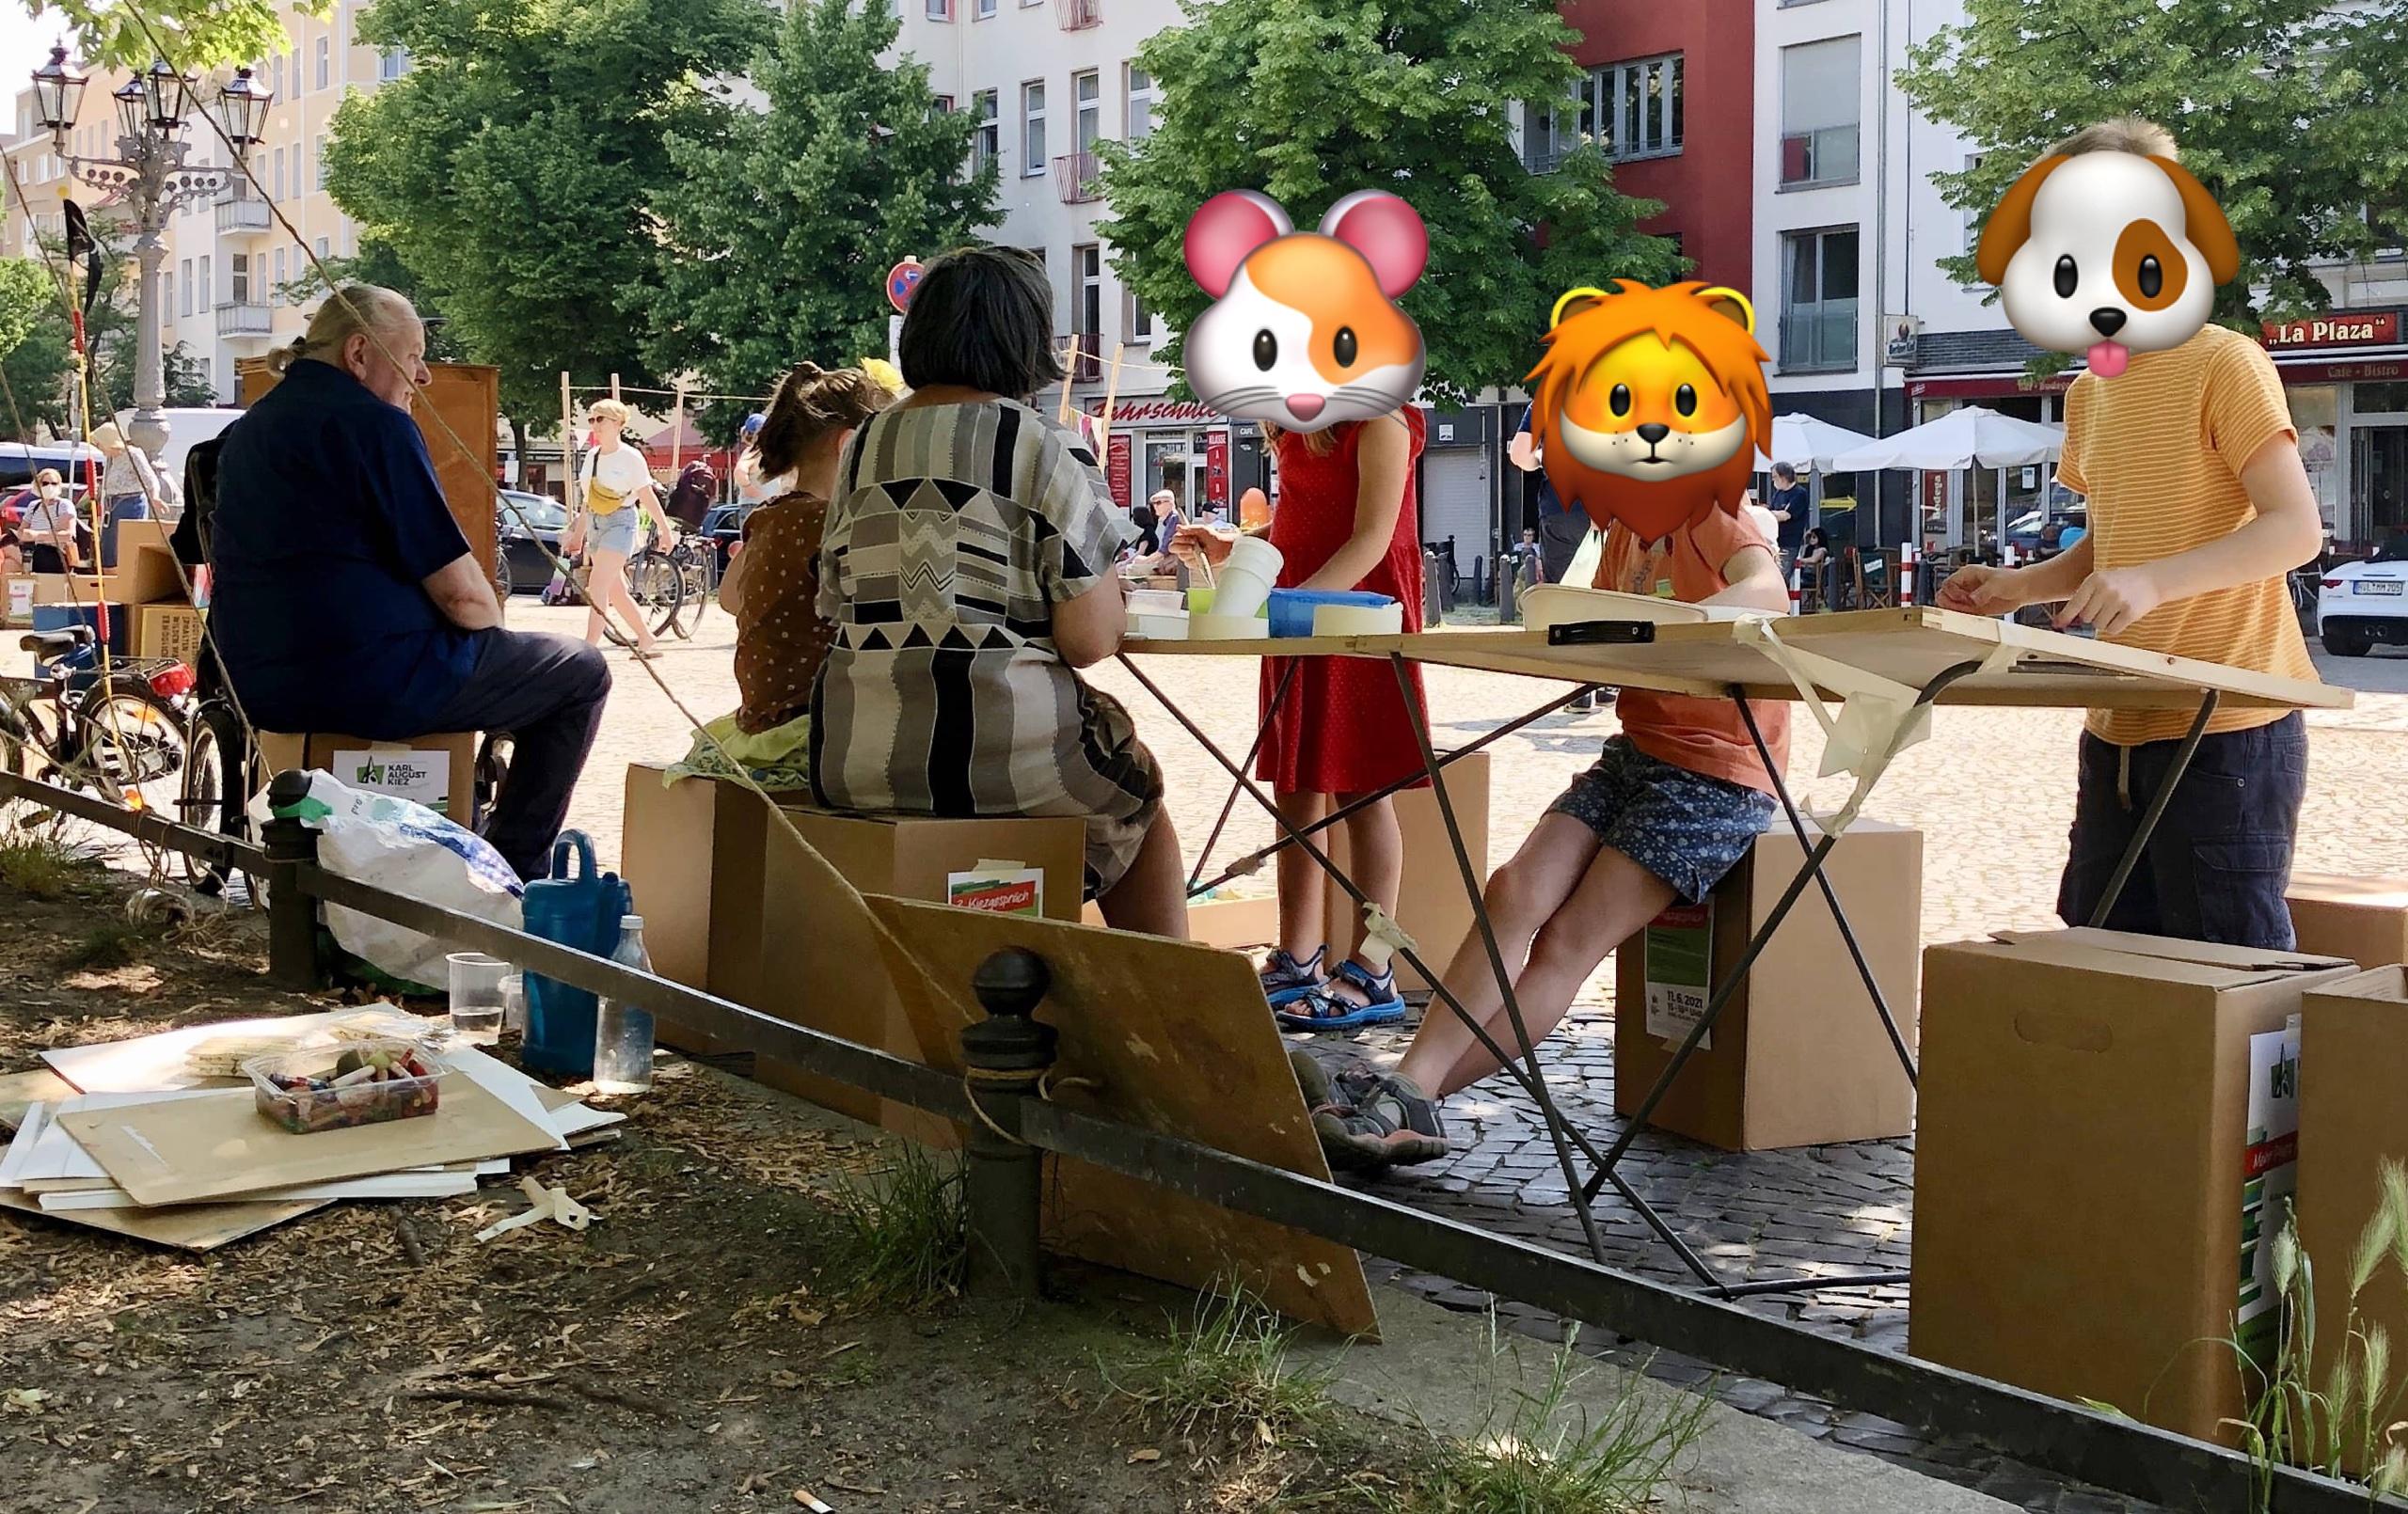 Kinder malen auf dem Karl-August-Platz ihre Wünsche für die Platzgestaltung.